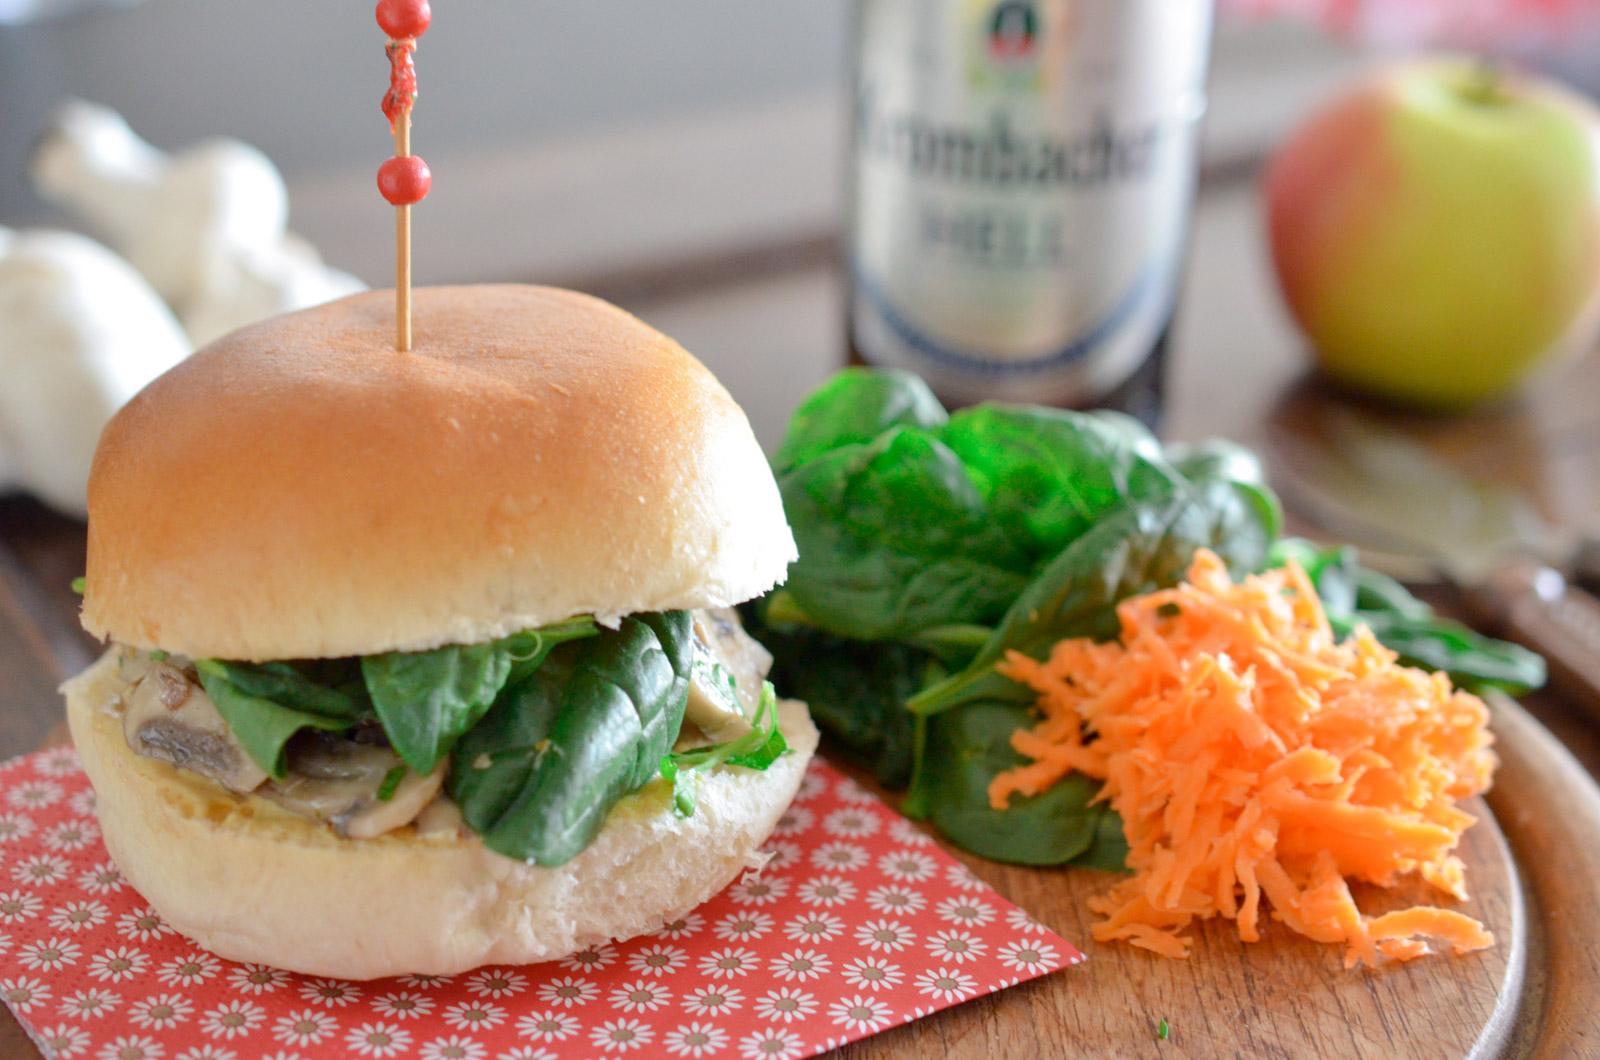 Burger Vegetarien Champignon Sauce Moutarde 2 Sur 4